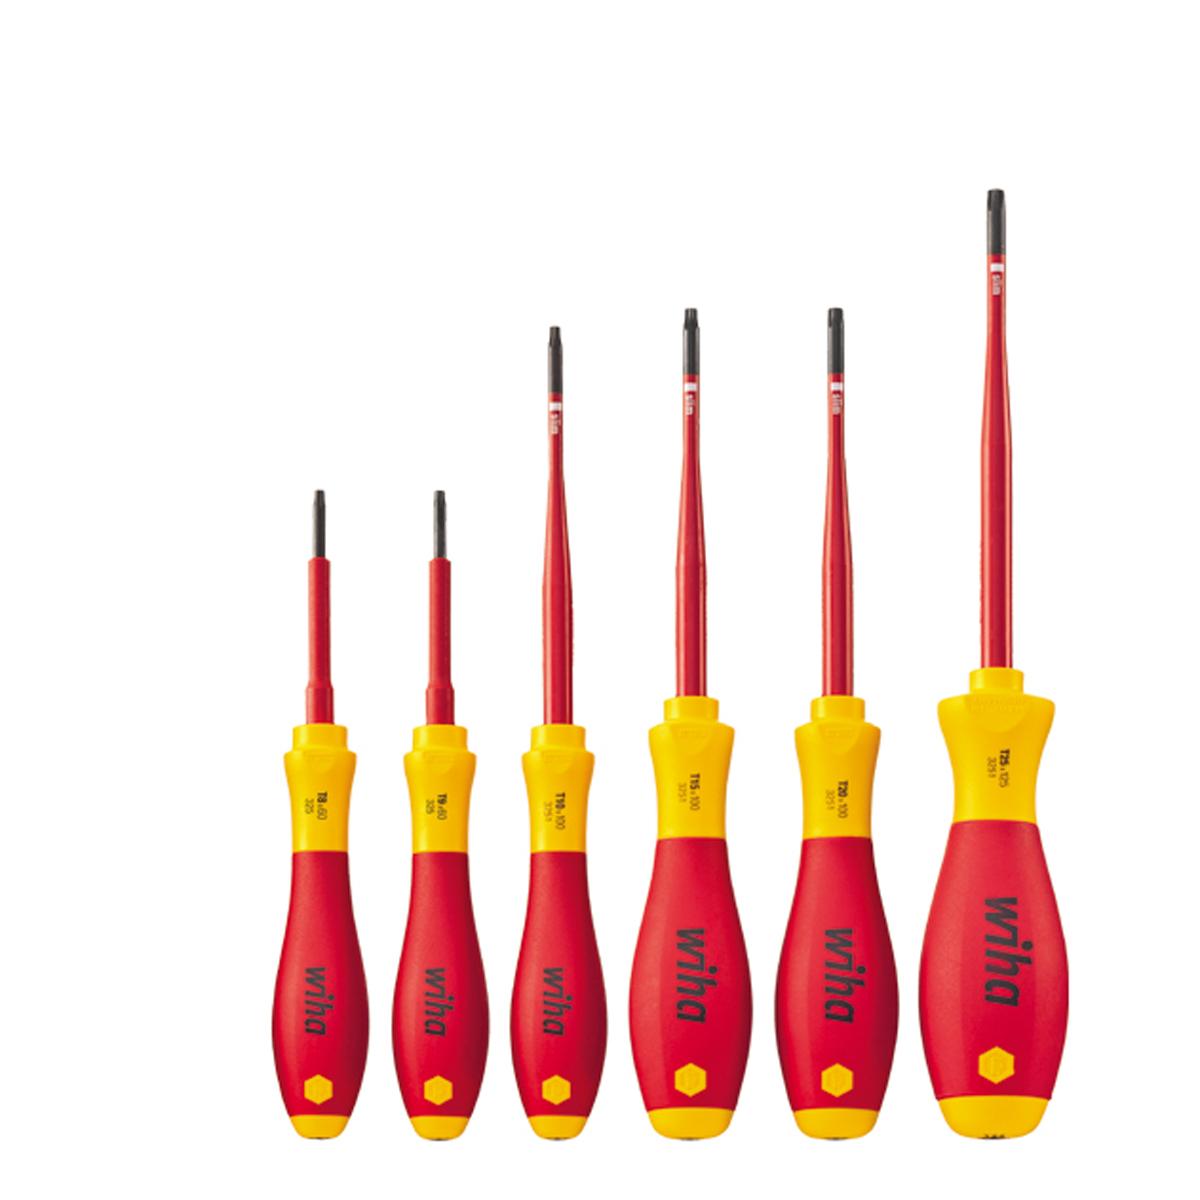 Набор отверток SoftFinish electric 3251SF K6 slimFix 6 ед Wiha 3655836558Модель Wiha SoftFinish electric - это профессиональная отвертка. Предназначена для работ снаходящимися под напряжением деталями до 1000 В переменного тока.- Ощущаемая эргономика. Уникальный дизайн этого профессионального инструмента с четырьмяразмерами рукоятки, ориентированными на конкретный случай применения, идеальным образомкомбинирует функции Быстрое кручение: динамика и Максимальная передача крутящегомомента: мощность. - Зона SoftFinish. Мягкая, поддерживающая крутящий момент зона покрытия для сухой среды.- Закрепление жала. Надежное соединение жала и рукоятки без прокручивания.- Изоляция VDE, slim Technology. Максимальная безопасность и легкий доступ к расположеннымглубоко винтам благодаря интегрированной изоляции (уменьшение диаметра жала на 33%),полностью закаленное жало.- Водяная ванна. Поштучное испытание в соответствии с IEC 60900:2004 в водяной ванне при10.000 В для испытанного, безопасного применения при 1.000 В переменного тока или 1.500 Впостоянного тока.Материал: ударопрочная экологически чистая пластмасса, термопластичный эластомер, хром- ванадий молибденовая сталь.Размер: T8 x 60 мм; T9 x 60 мм; T10 x 100 мм; T15 x 100 мм; T20 x 100 мм; T25 x 125 мм.